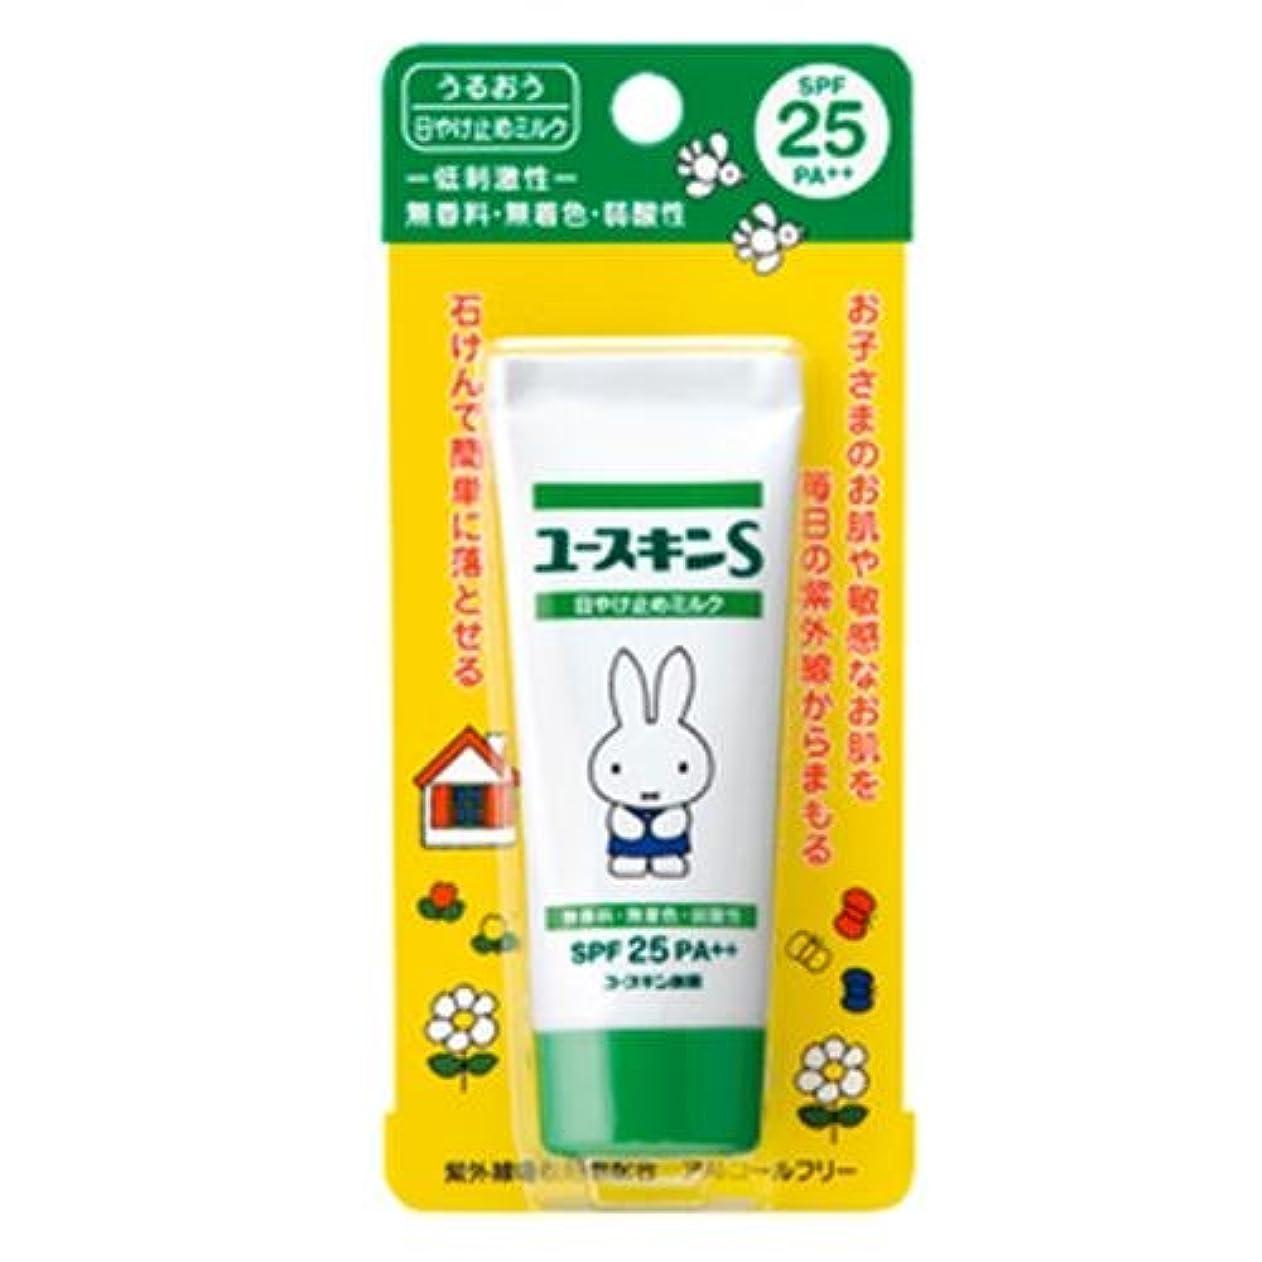 後ろ、背後、背面(部教室助けてユースキンS UVミルク SPF25 PA++ 40g (敏感肌用 日焼け止め)